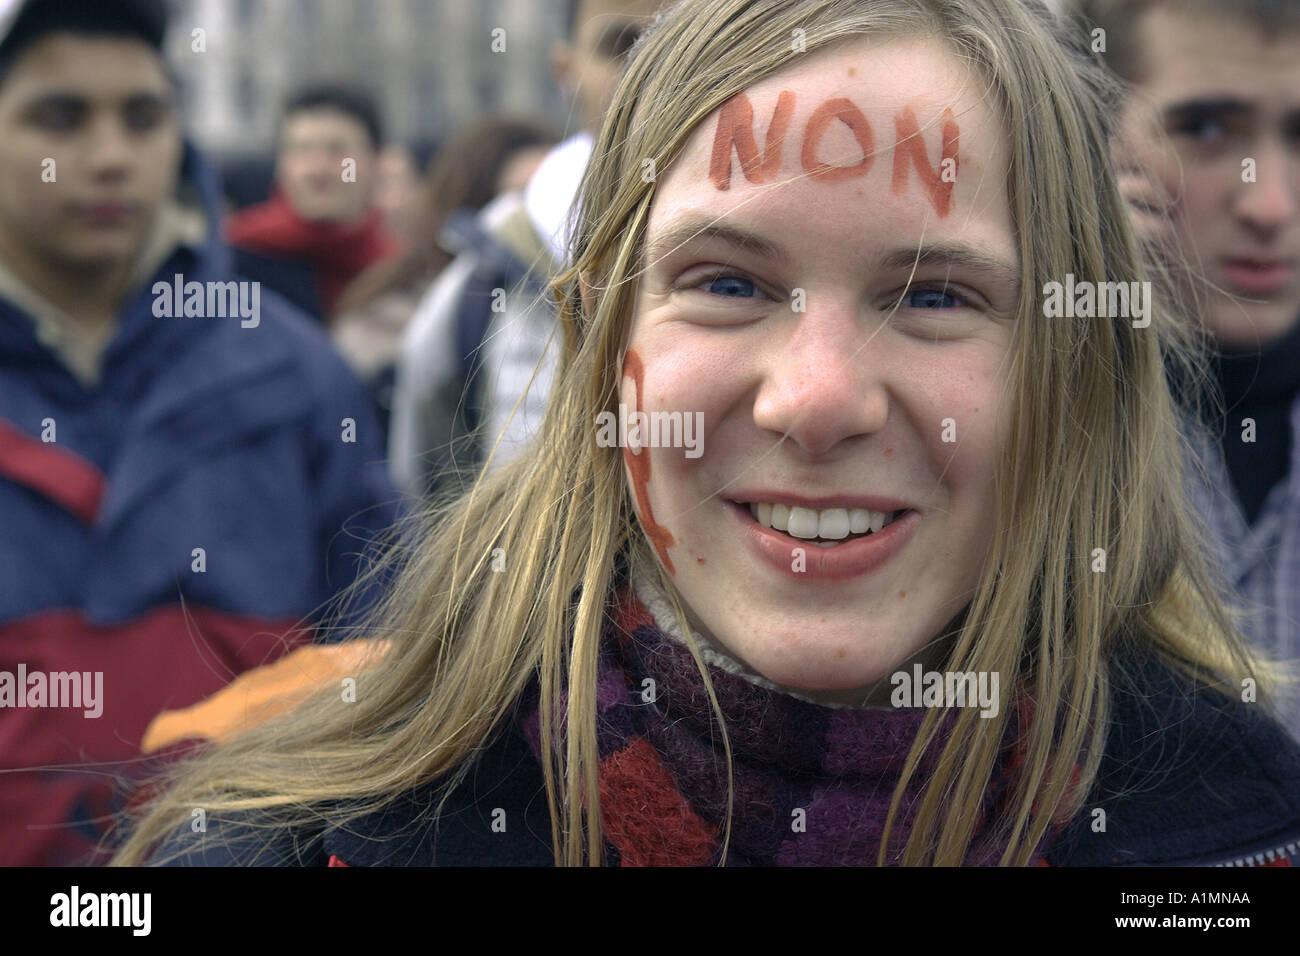 Uno studente protester a Lione, Francia Immagini Stock